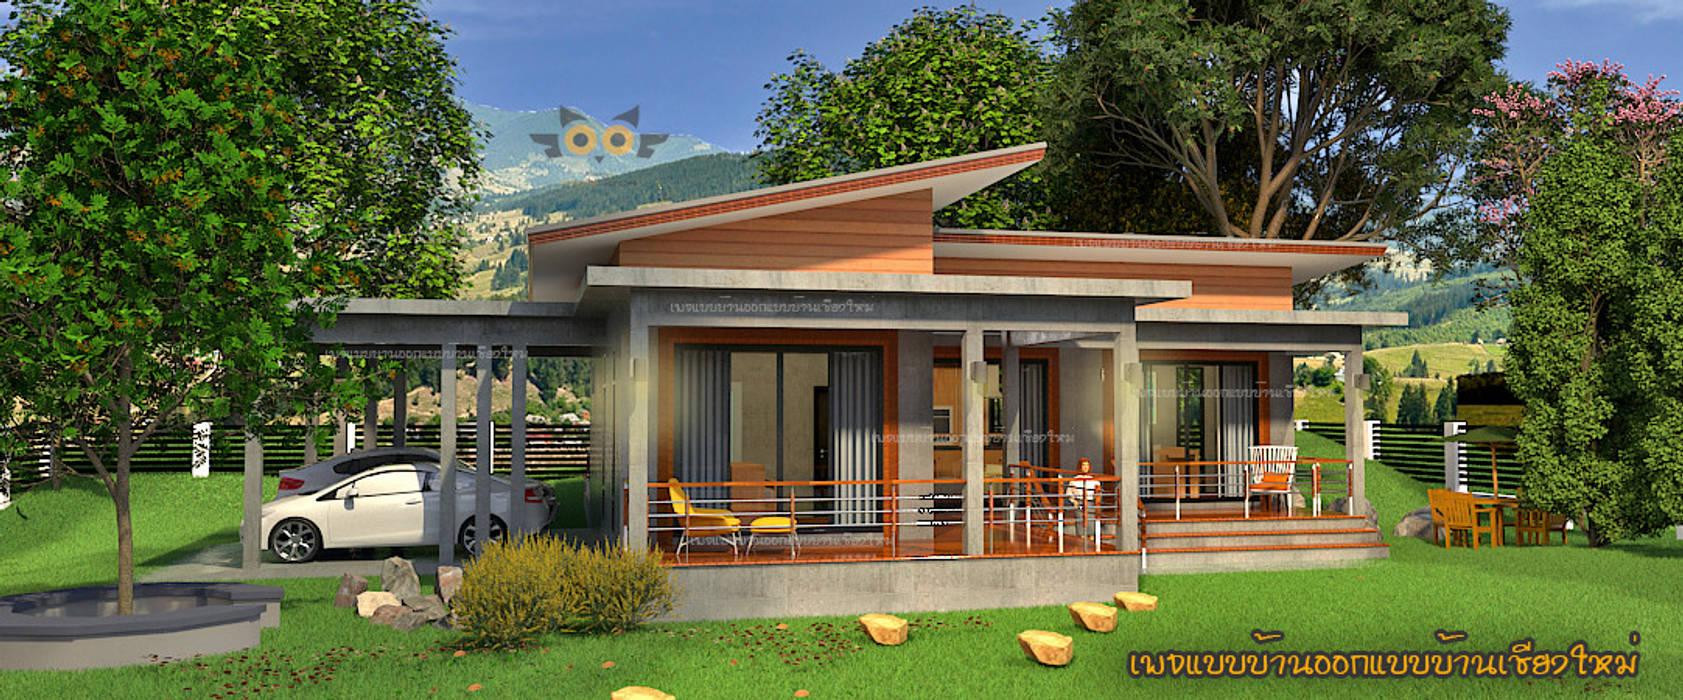 บ้านพักอาศัยชั้นเดียวผสมผสาน :  บ้านสำหรับครอบครัว by แบบบ้านออกแบบบ้านเชียงใหม่